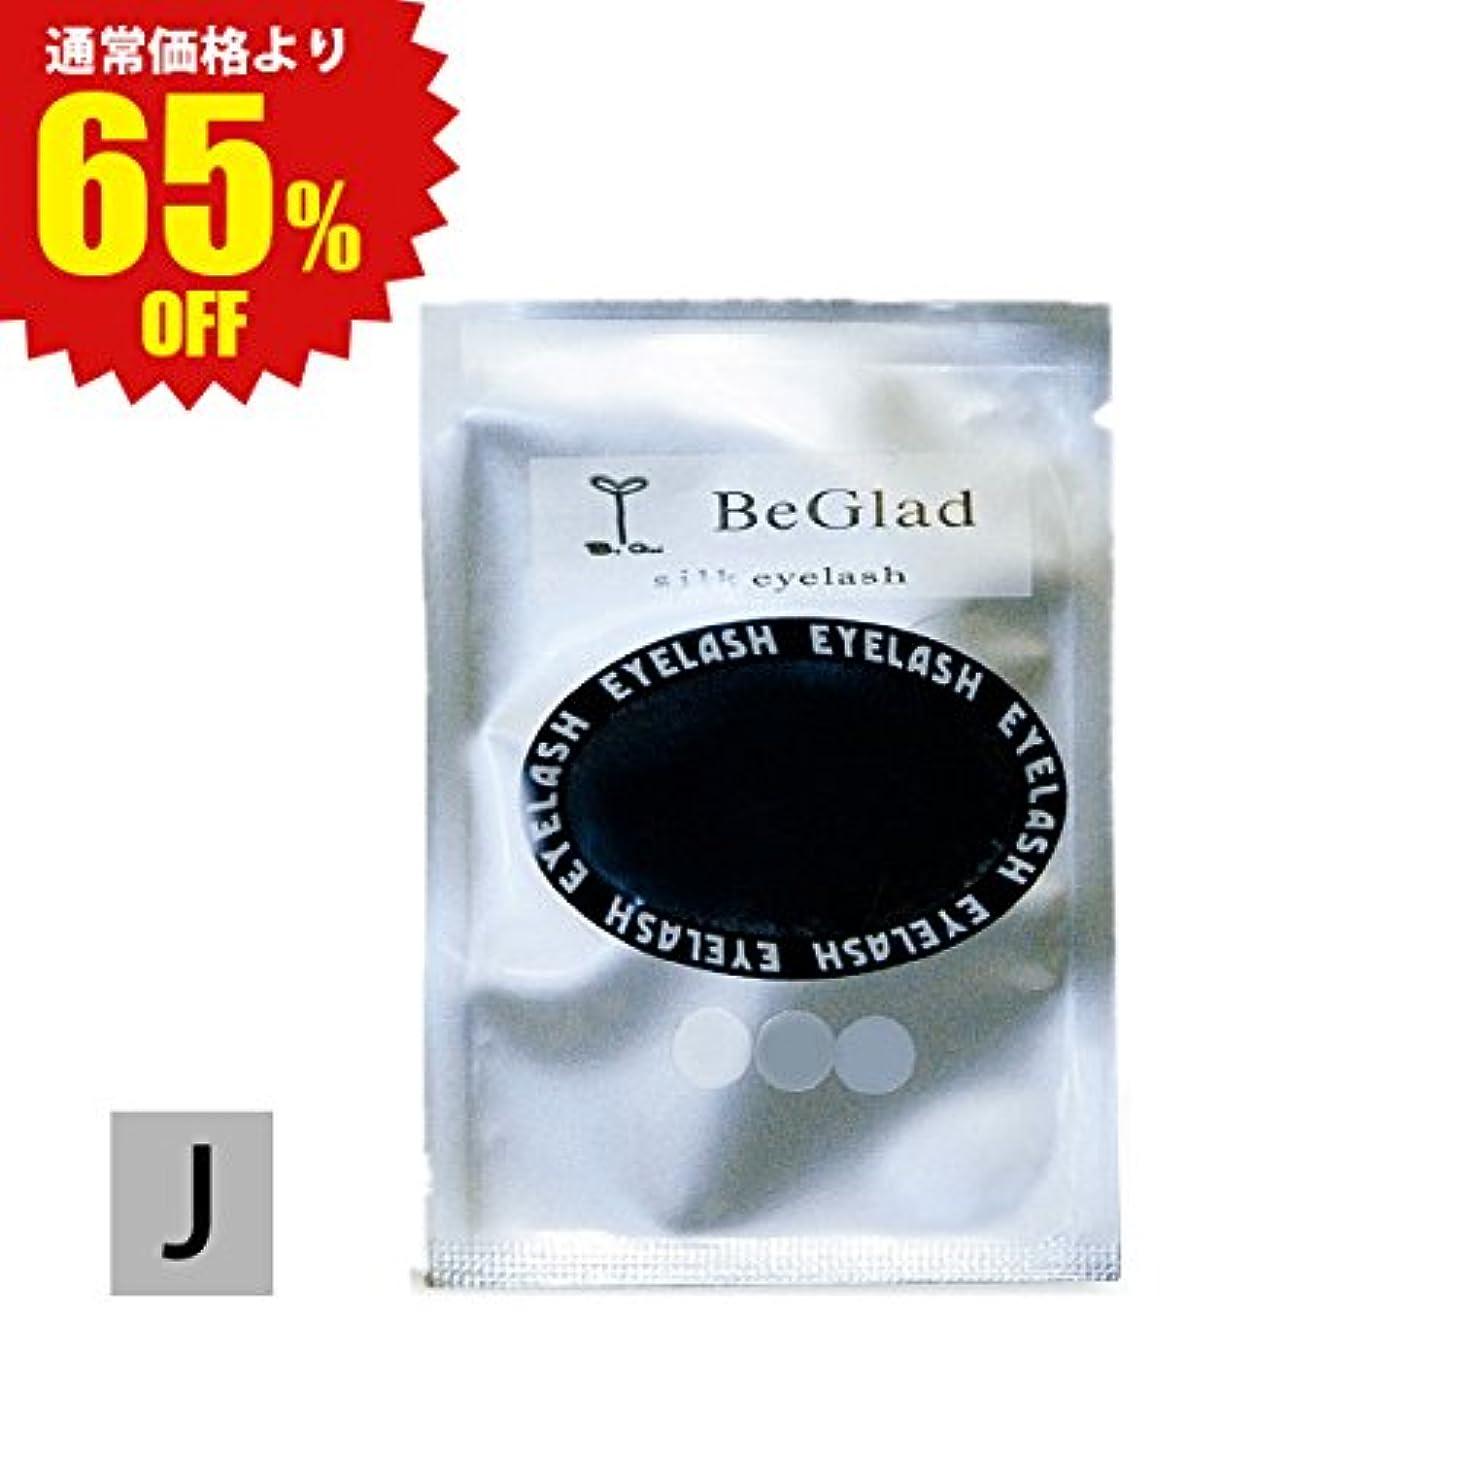 顔料キー記事まつげエクステ シルキータッチ(0.5g) マツエク (Jカール 0.10mm 12mm)